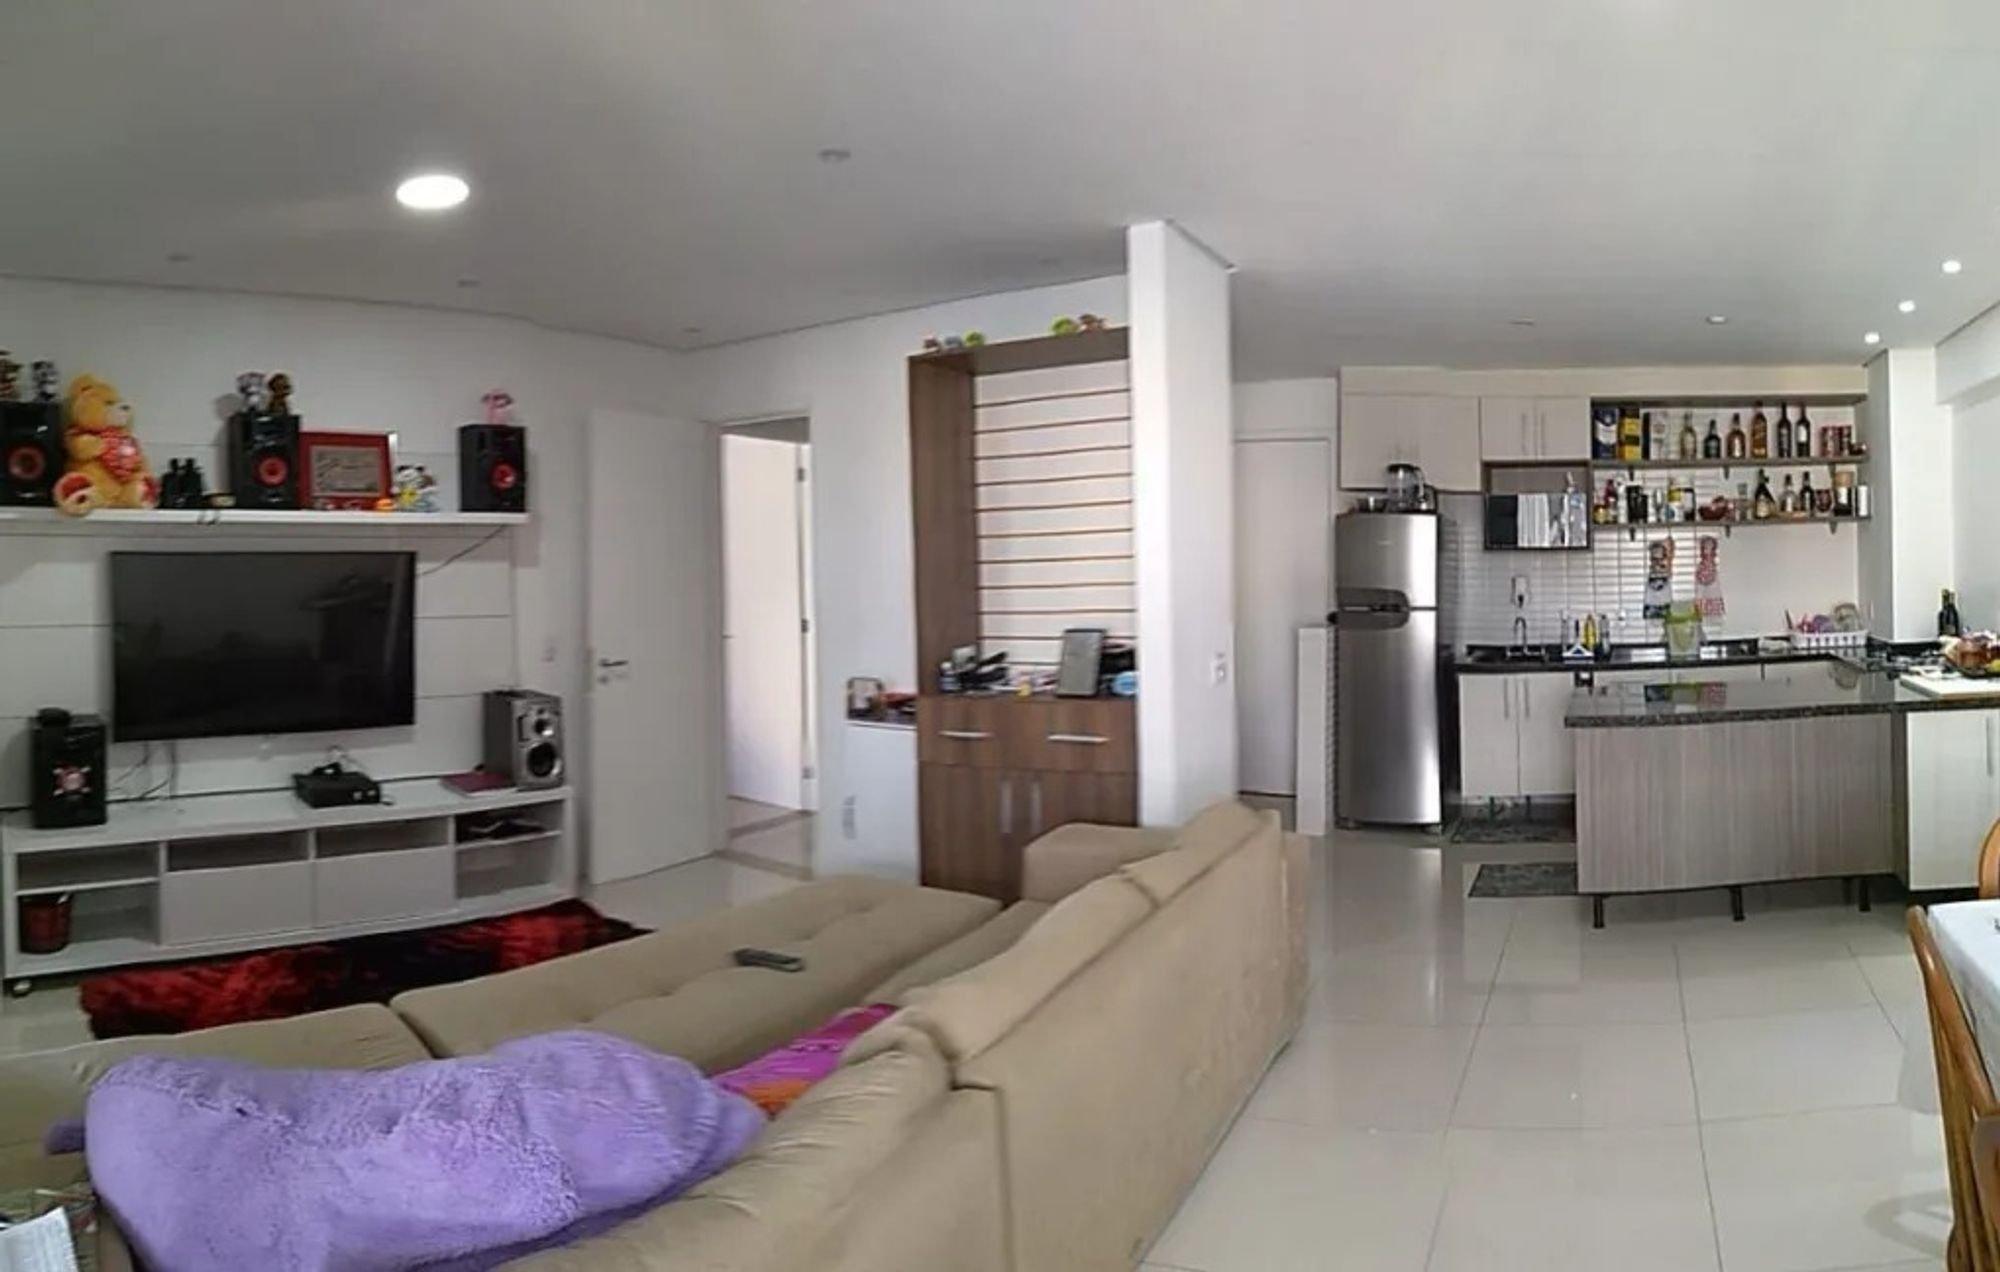 Foto de Sala com sofá, televisão, garrafa, geladeira, cadeira